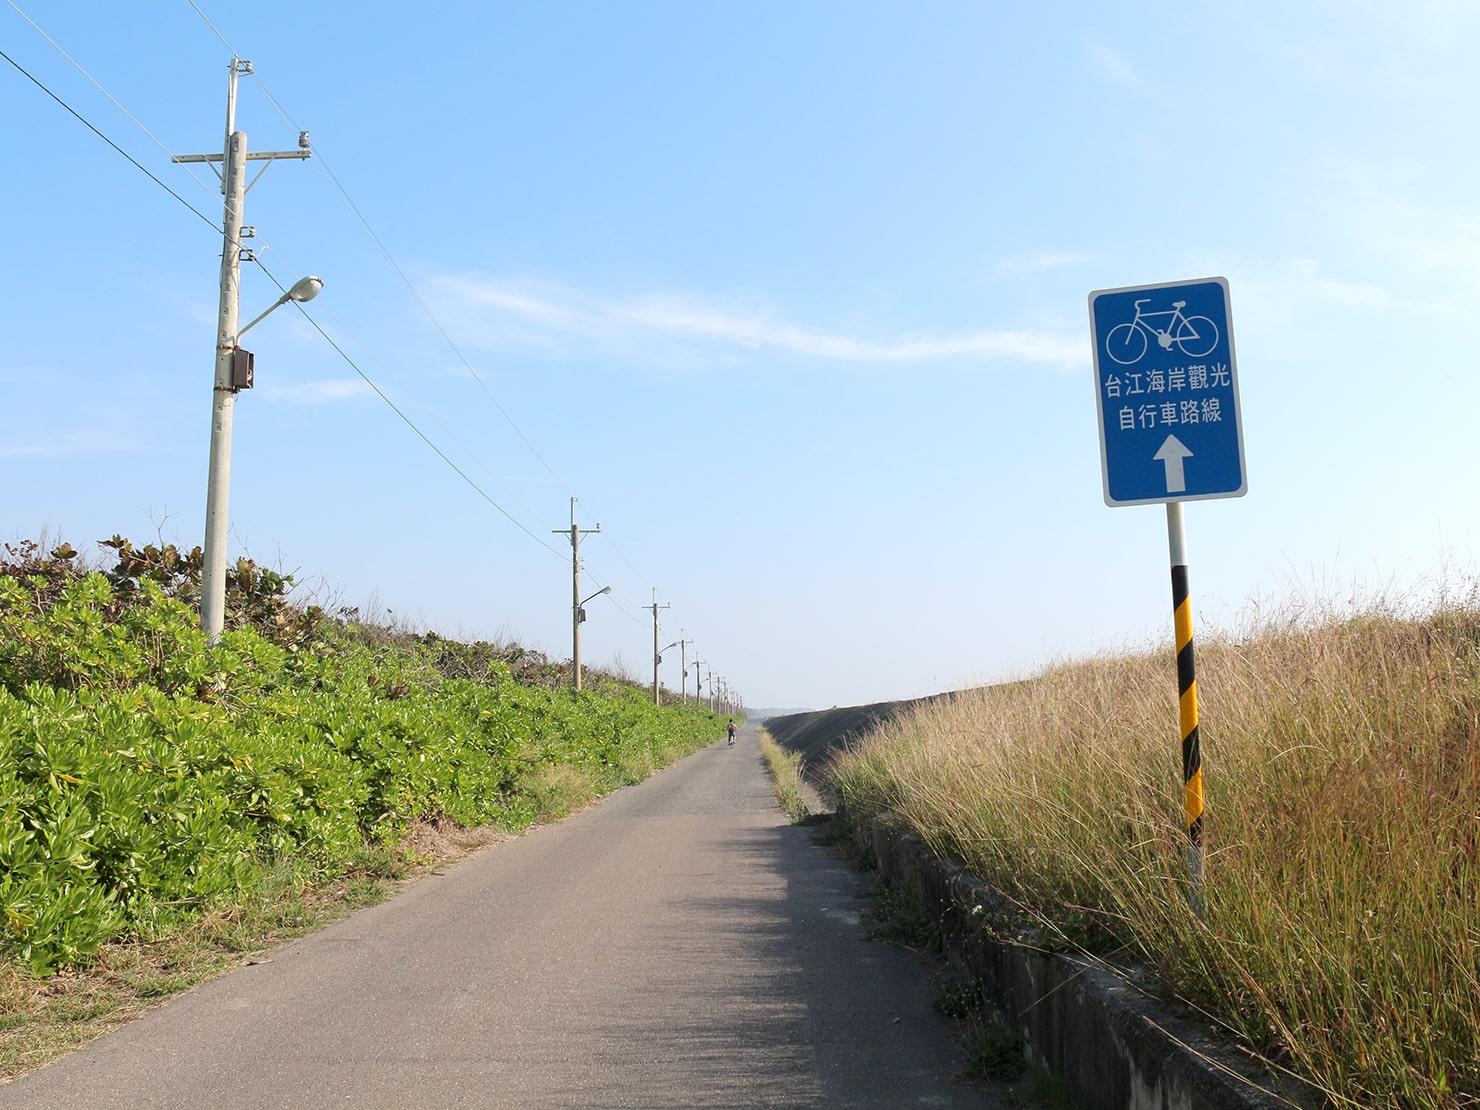 台南市街郊外のおすすめ観光スポット「台江國家公園」のサイクリングロード